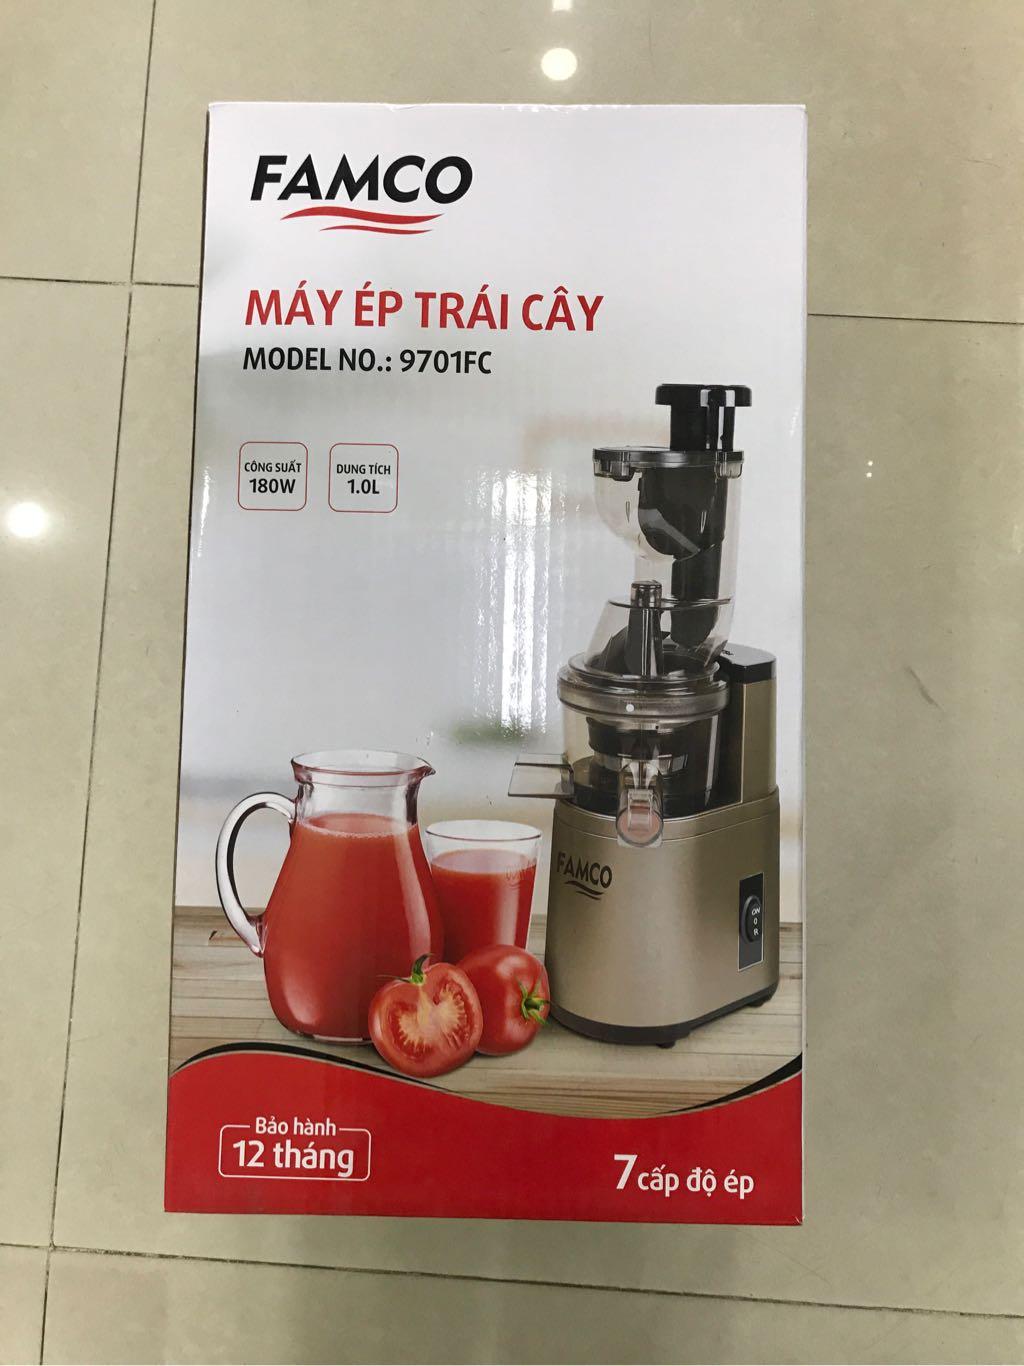 Máy ép trái cây Famco 9701FC 1L 180W